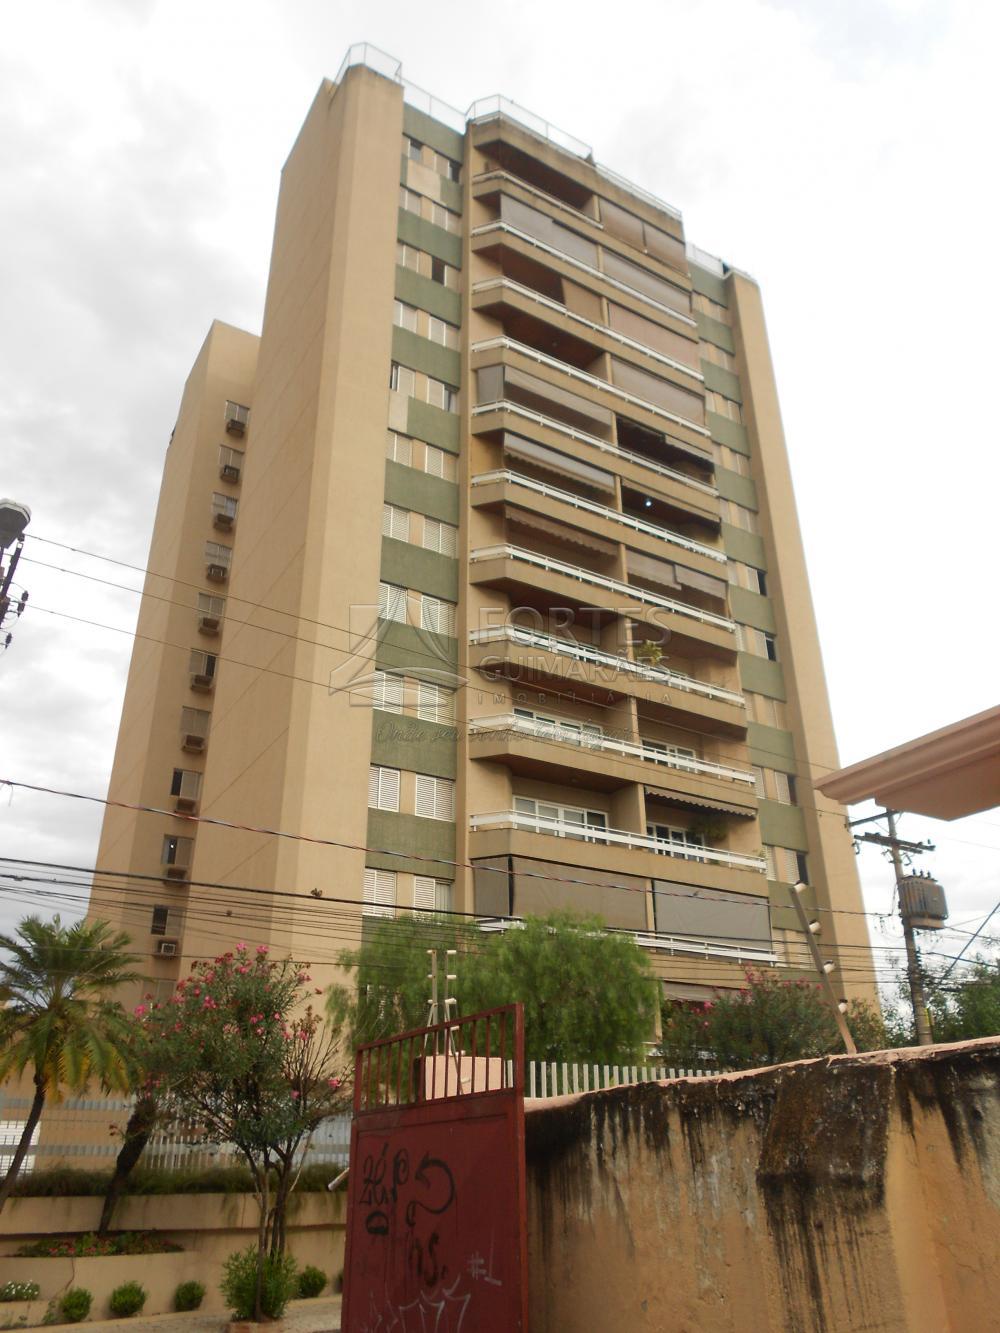 Alugar Apartamentos / Padrão em Ribeirão Preto apenas R$ 1.250,00 - Foto 19